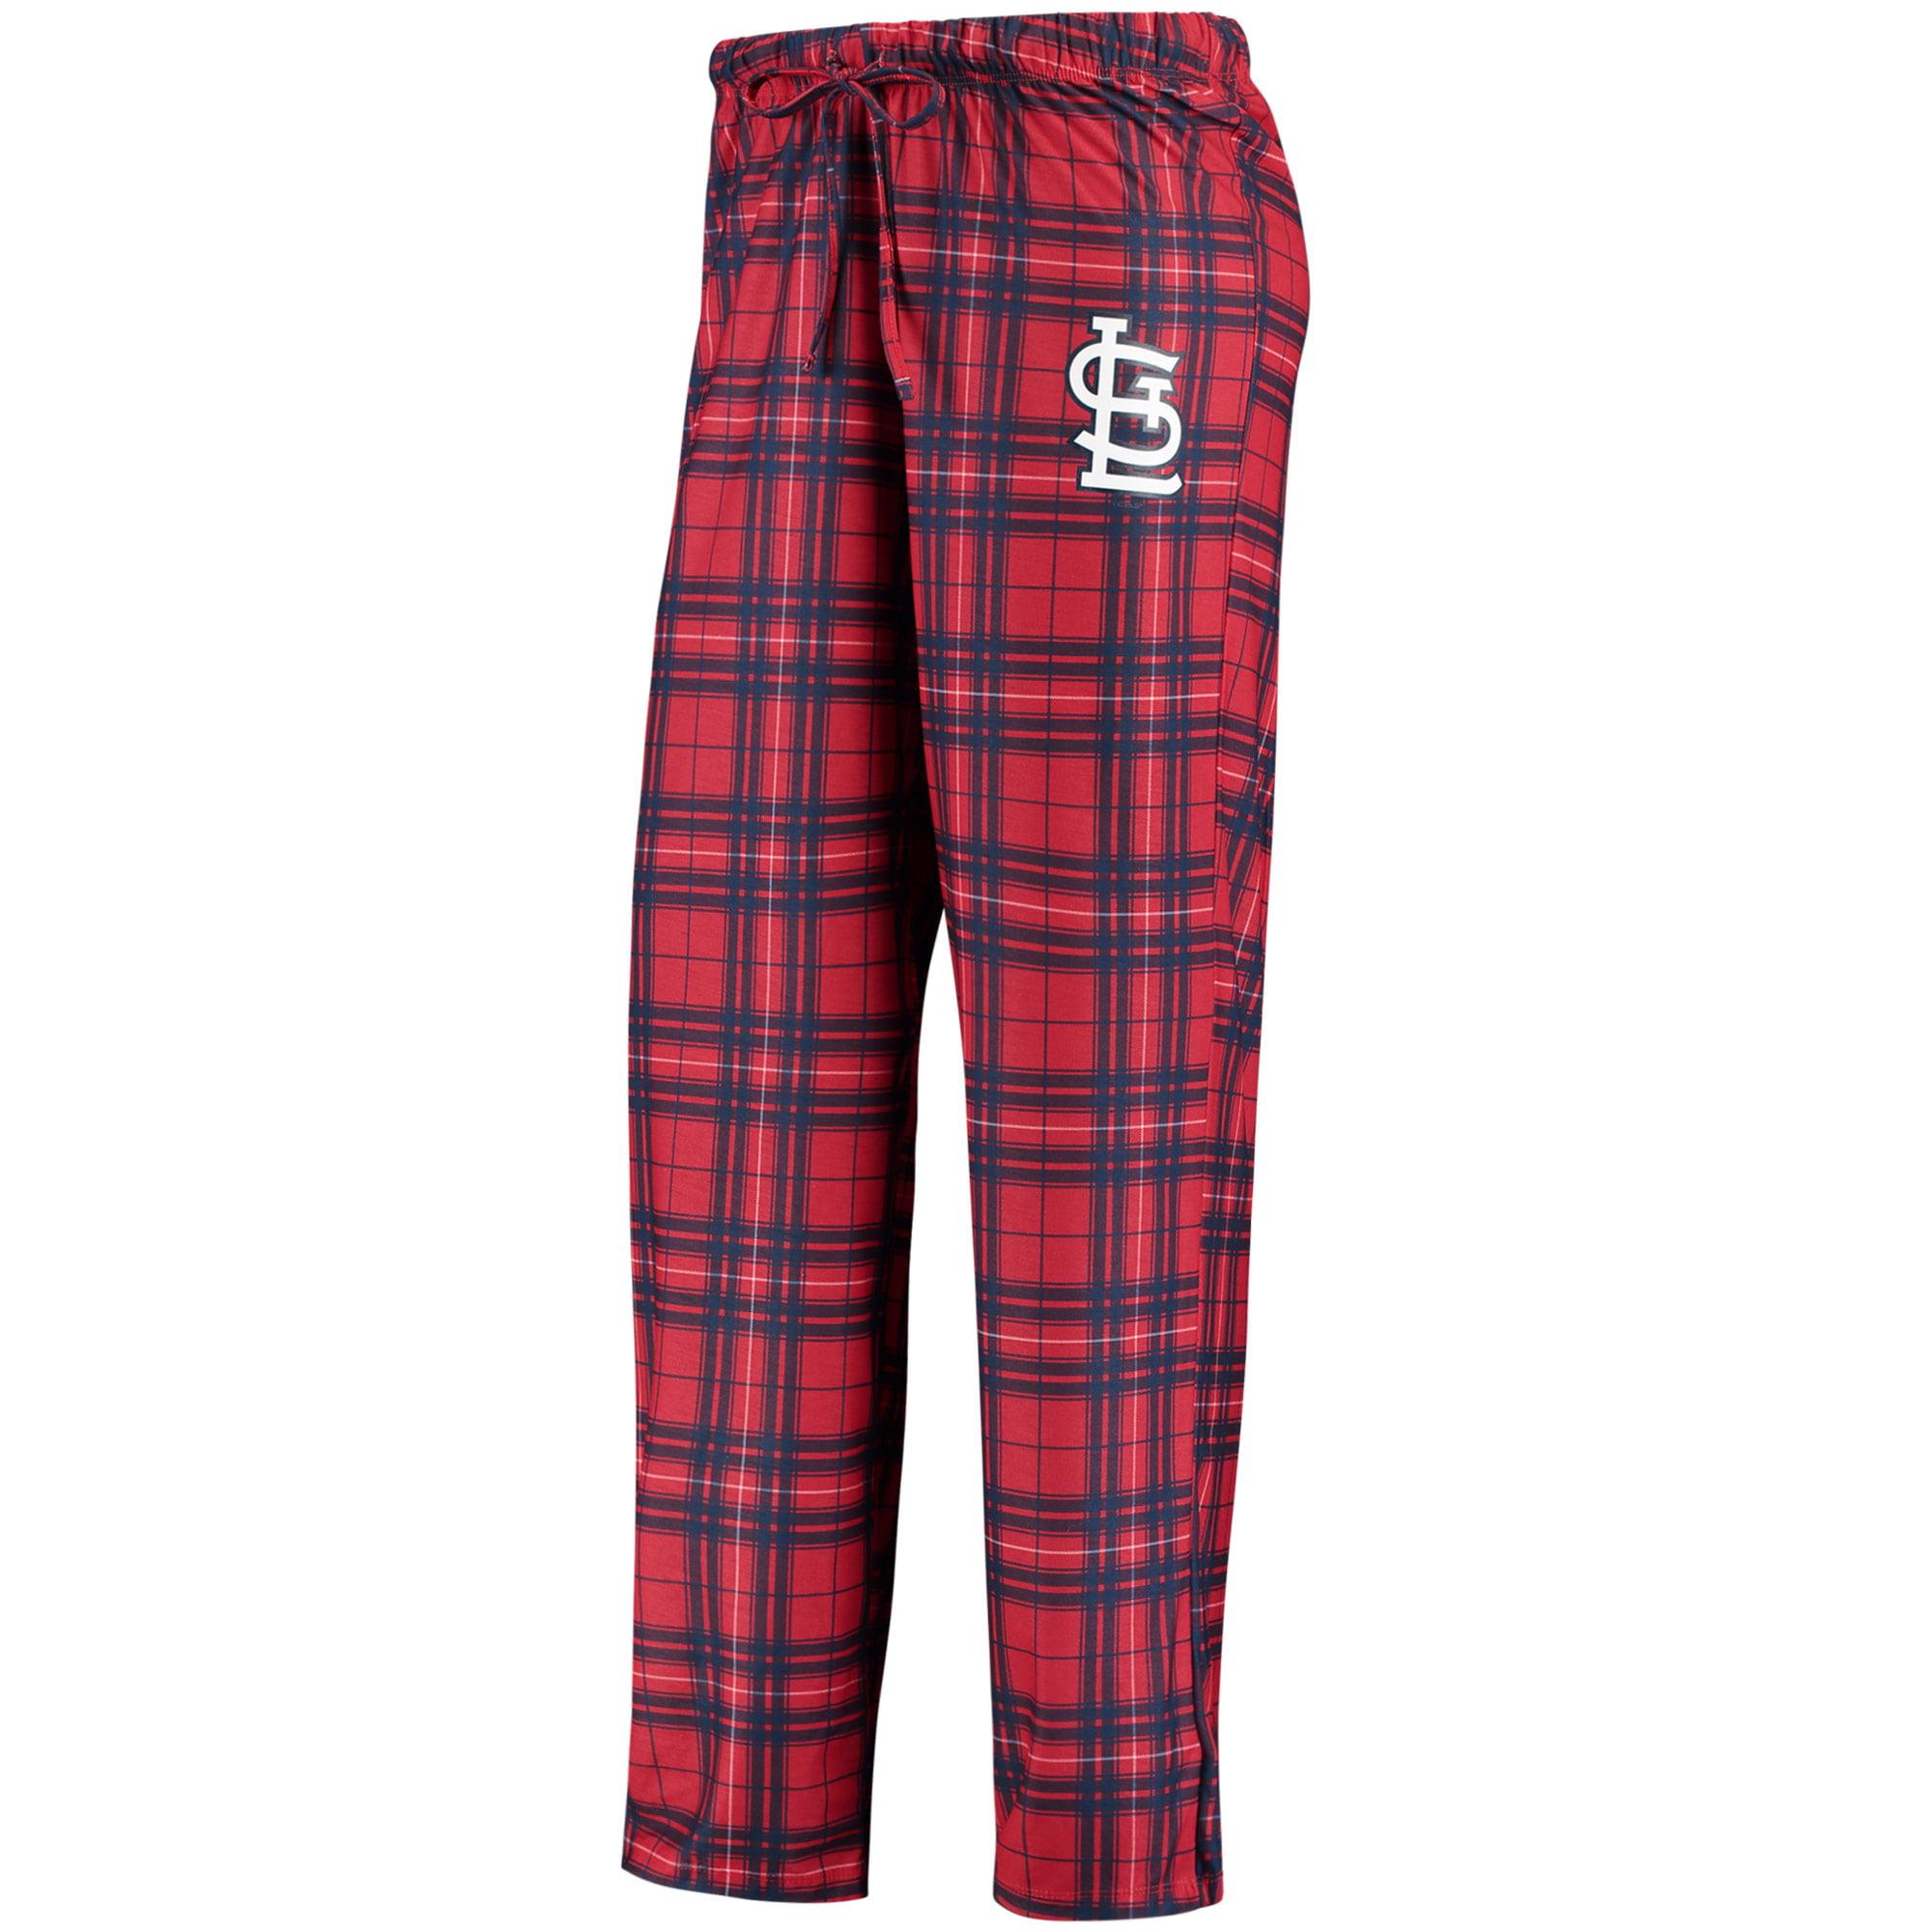 St. Louis Cardinals Concepts Sport Women's Plus Size Rush Knit Pants - Red/Navy